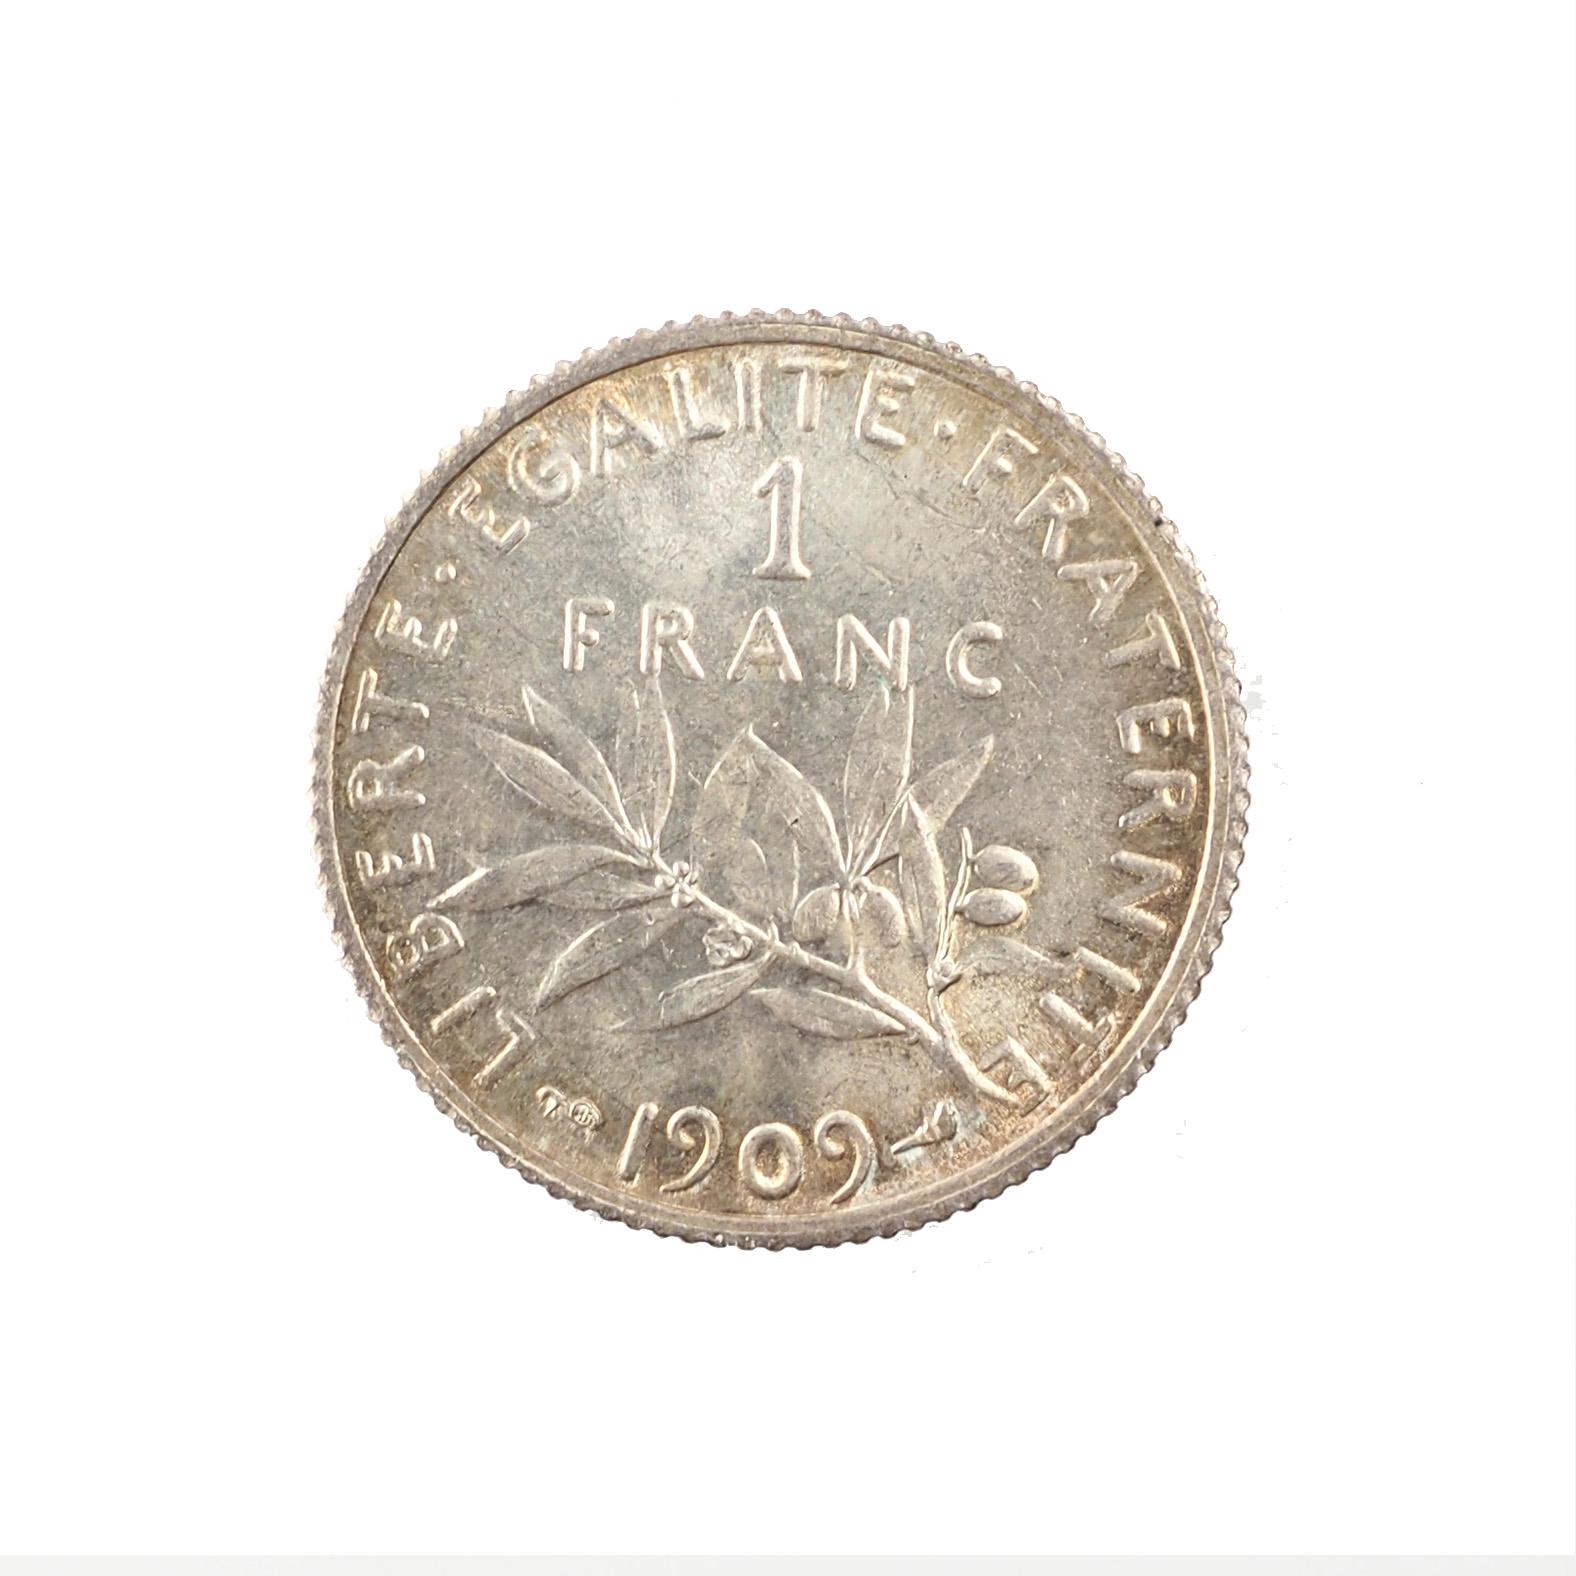 France, 1 Franc 1909, SPL, Argent, Le Franc 217